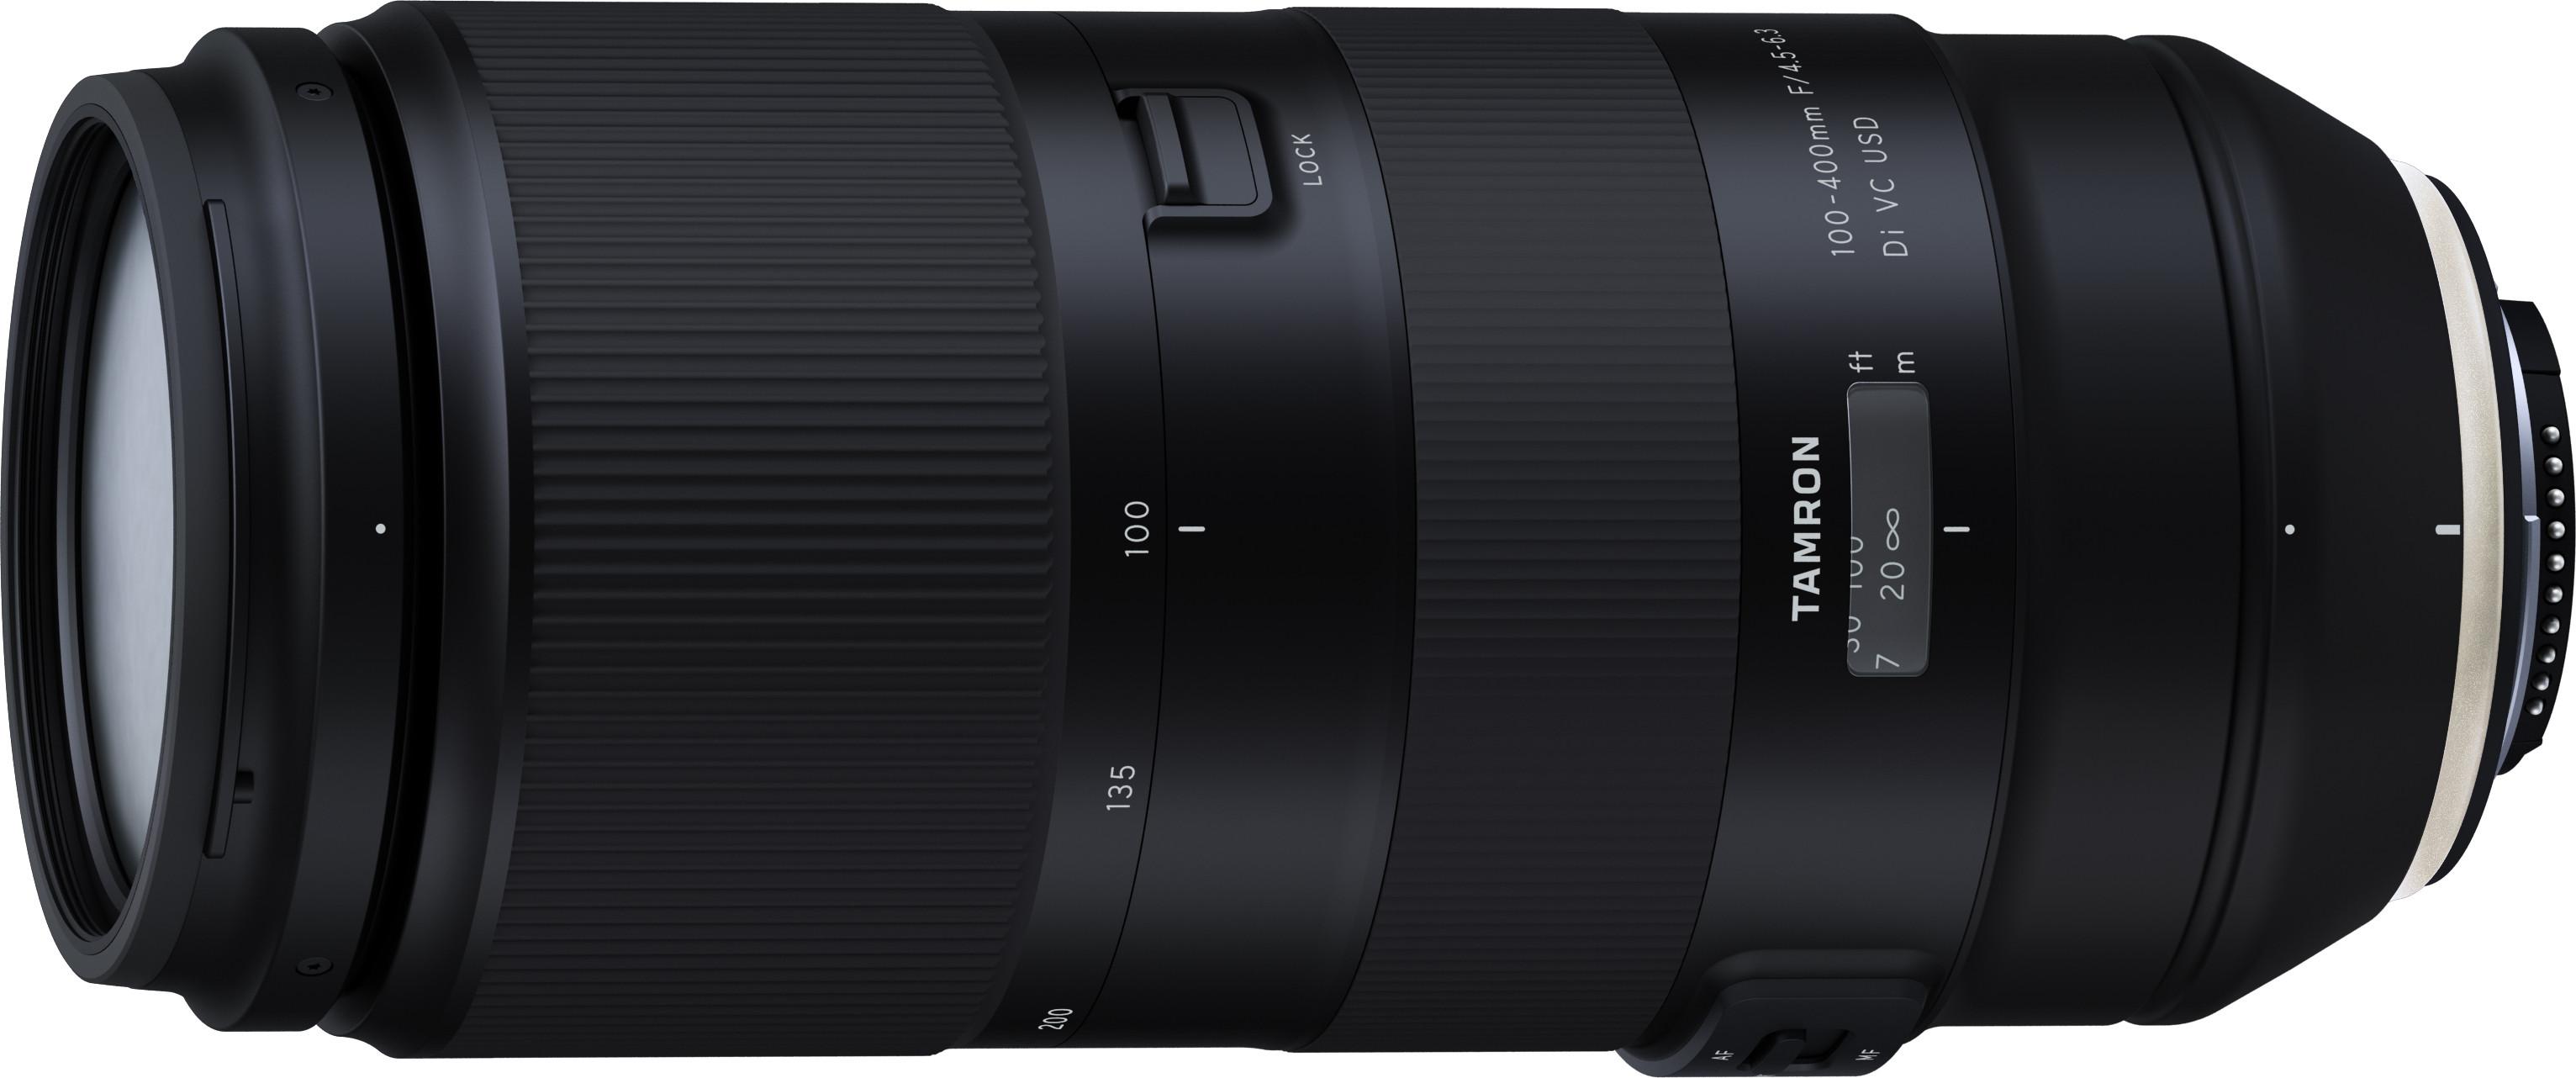 Tamron 100-400mm f/4.5-6.3 Di VC USD obj..